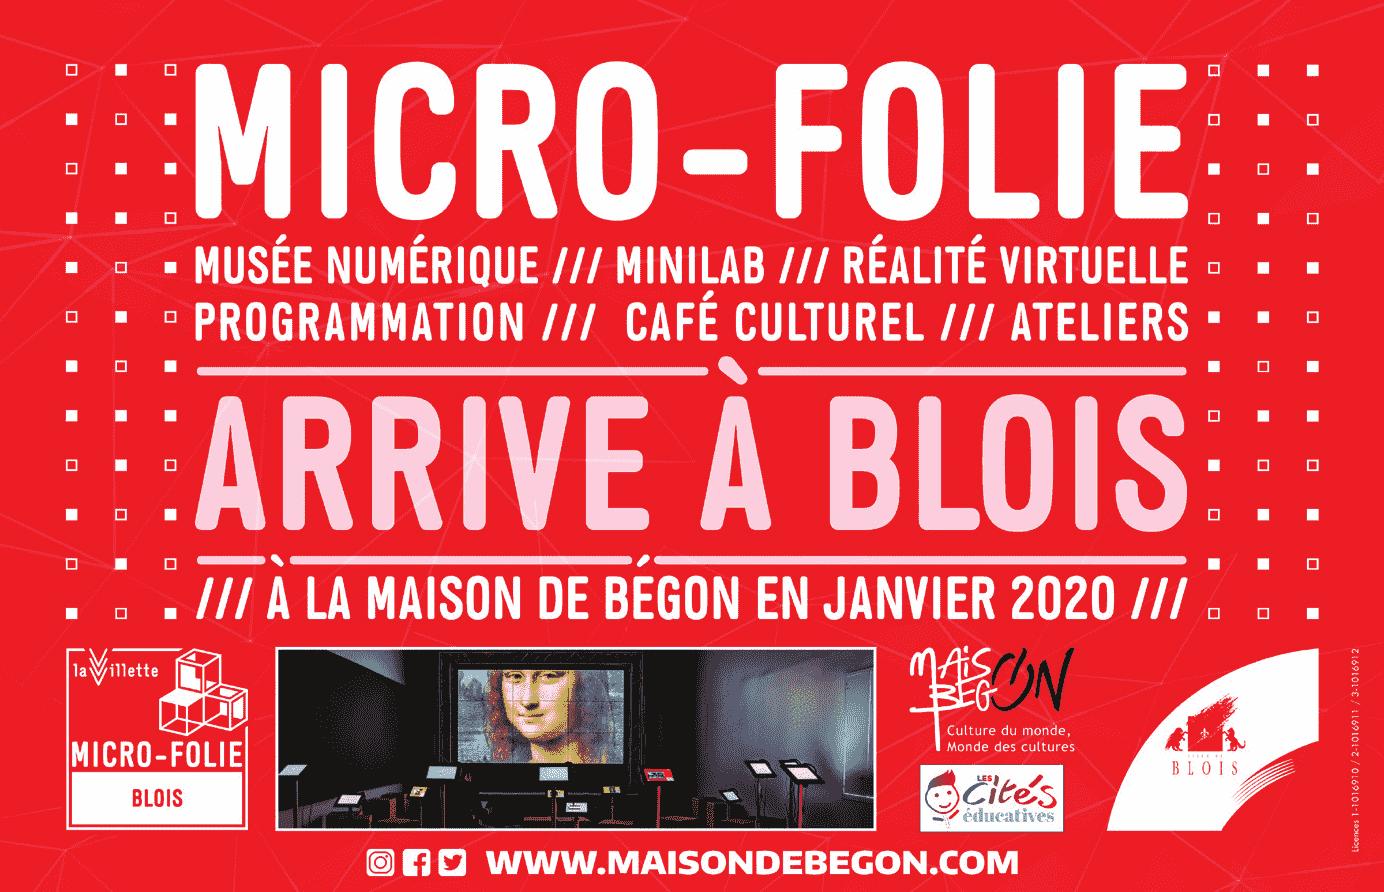 Micro-Folie arrive à Blois : musée numérique, minilab, réalité virtuelle, programmation, café culturel, ateliers. Rendez-vous à la Maison de Bégon en janvier 2020